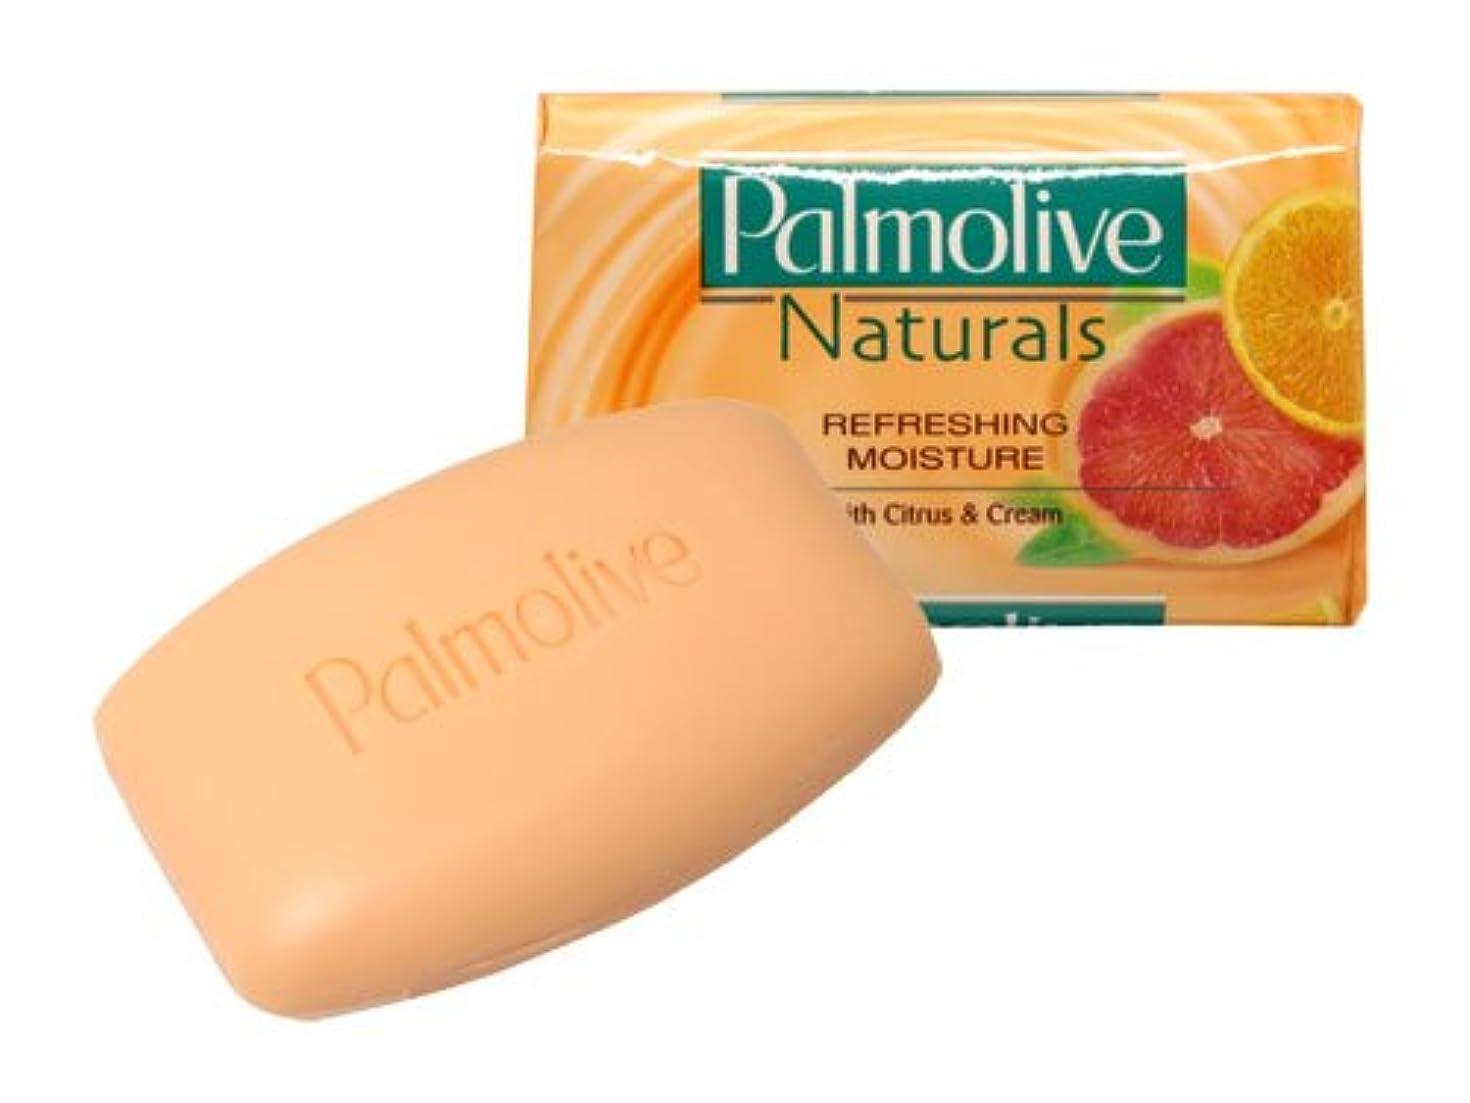 デッキ申込みアラブサラボ【Palmolive】パルモリーブ ナチュラルズ石鹸3個パック(シトラス&クリーム)